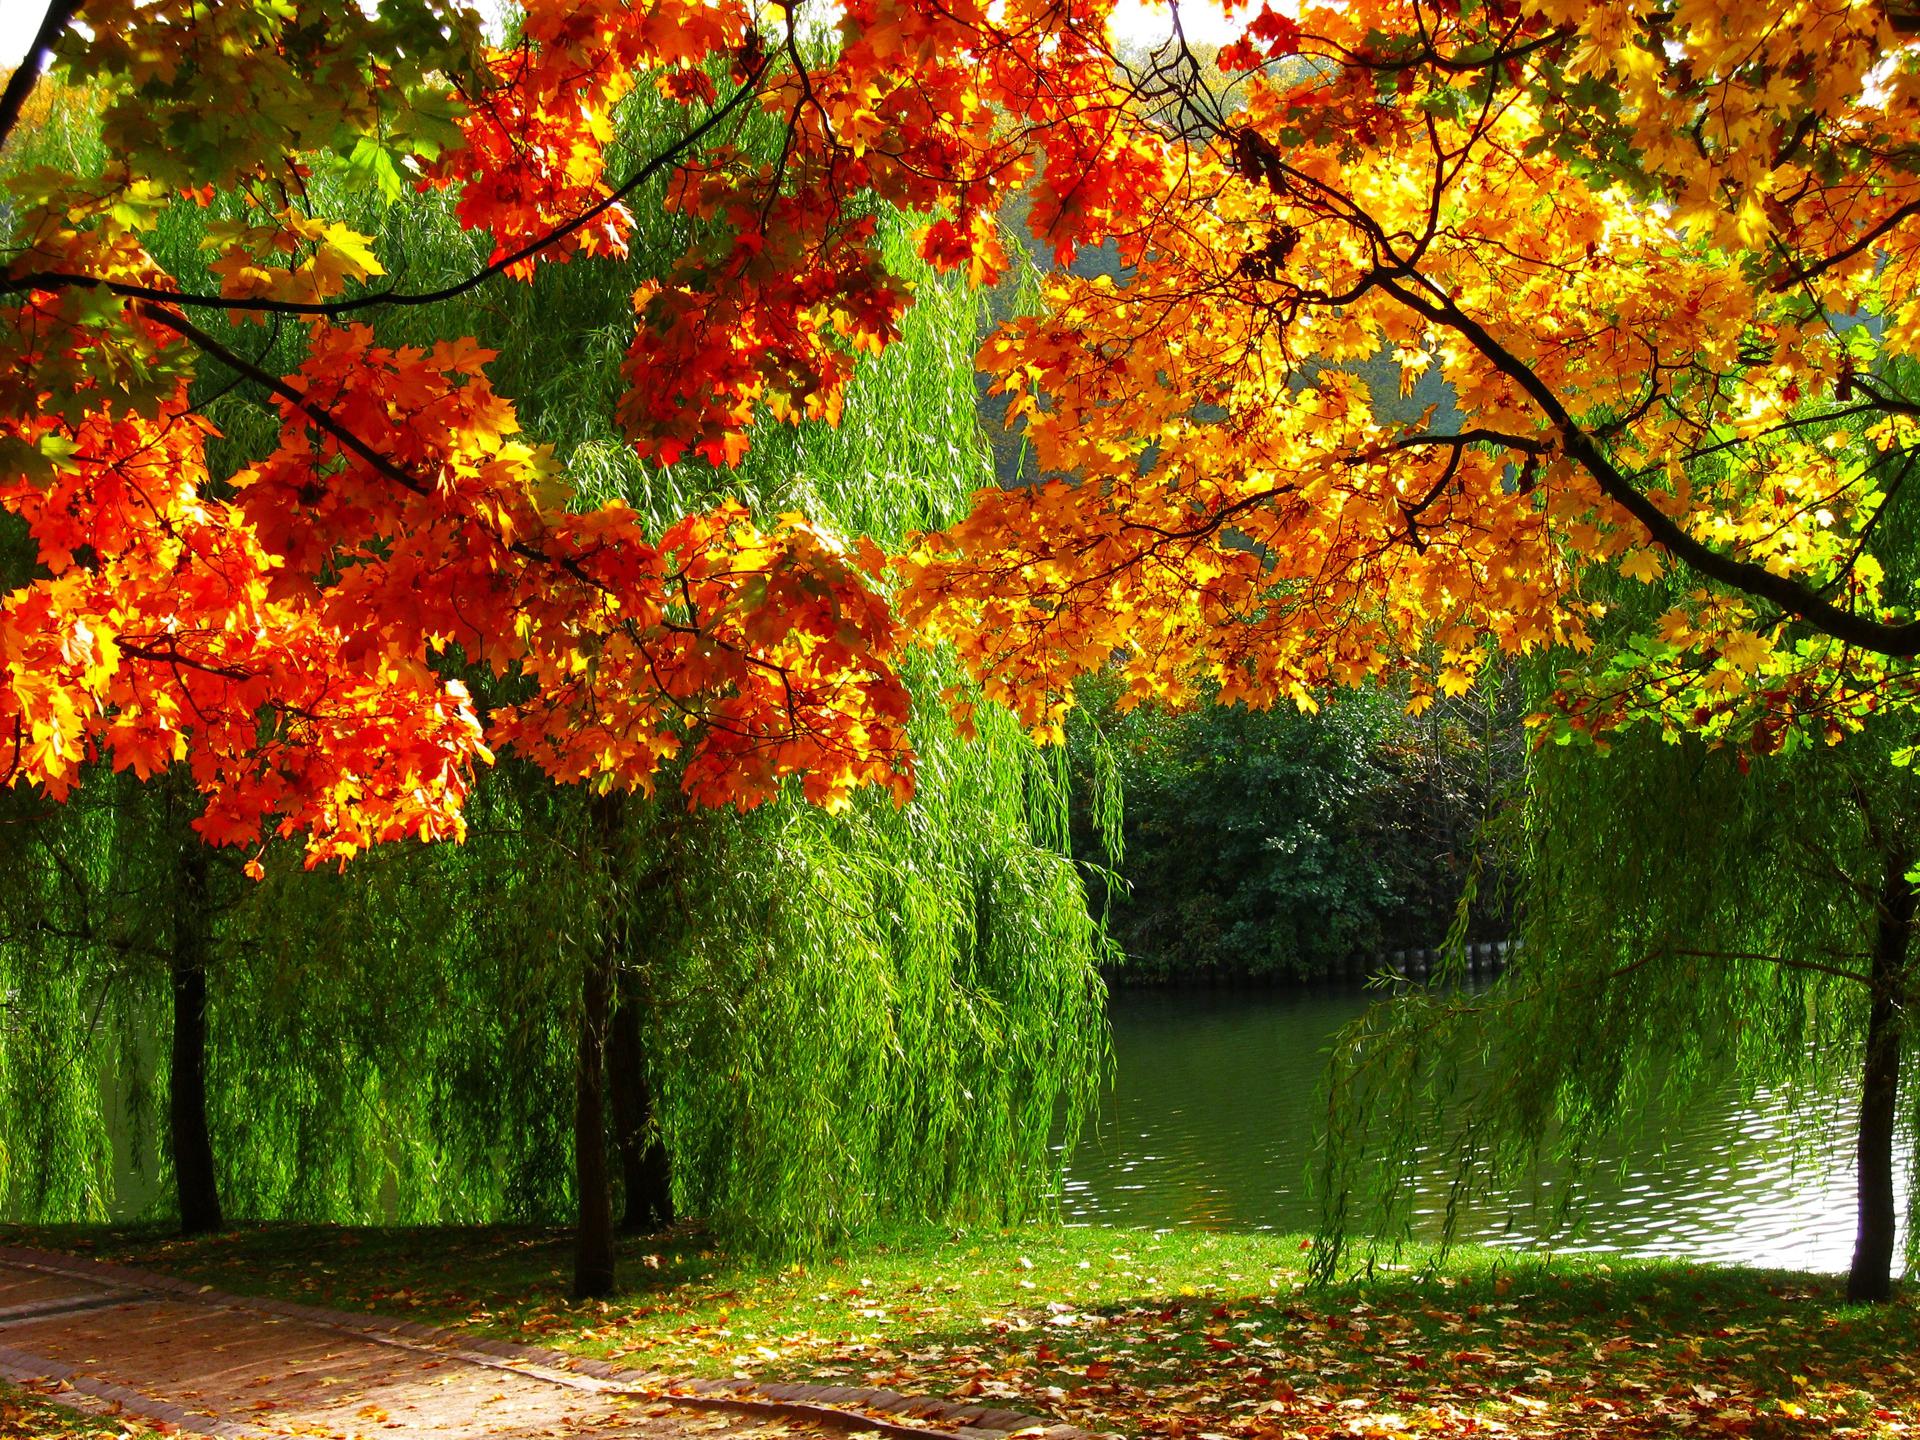 fondos oto241o wallpapers autumn fondos de pantalla de oto241o